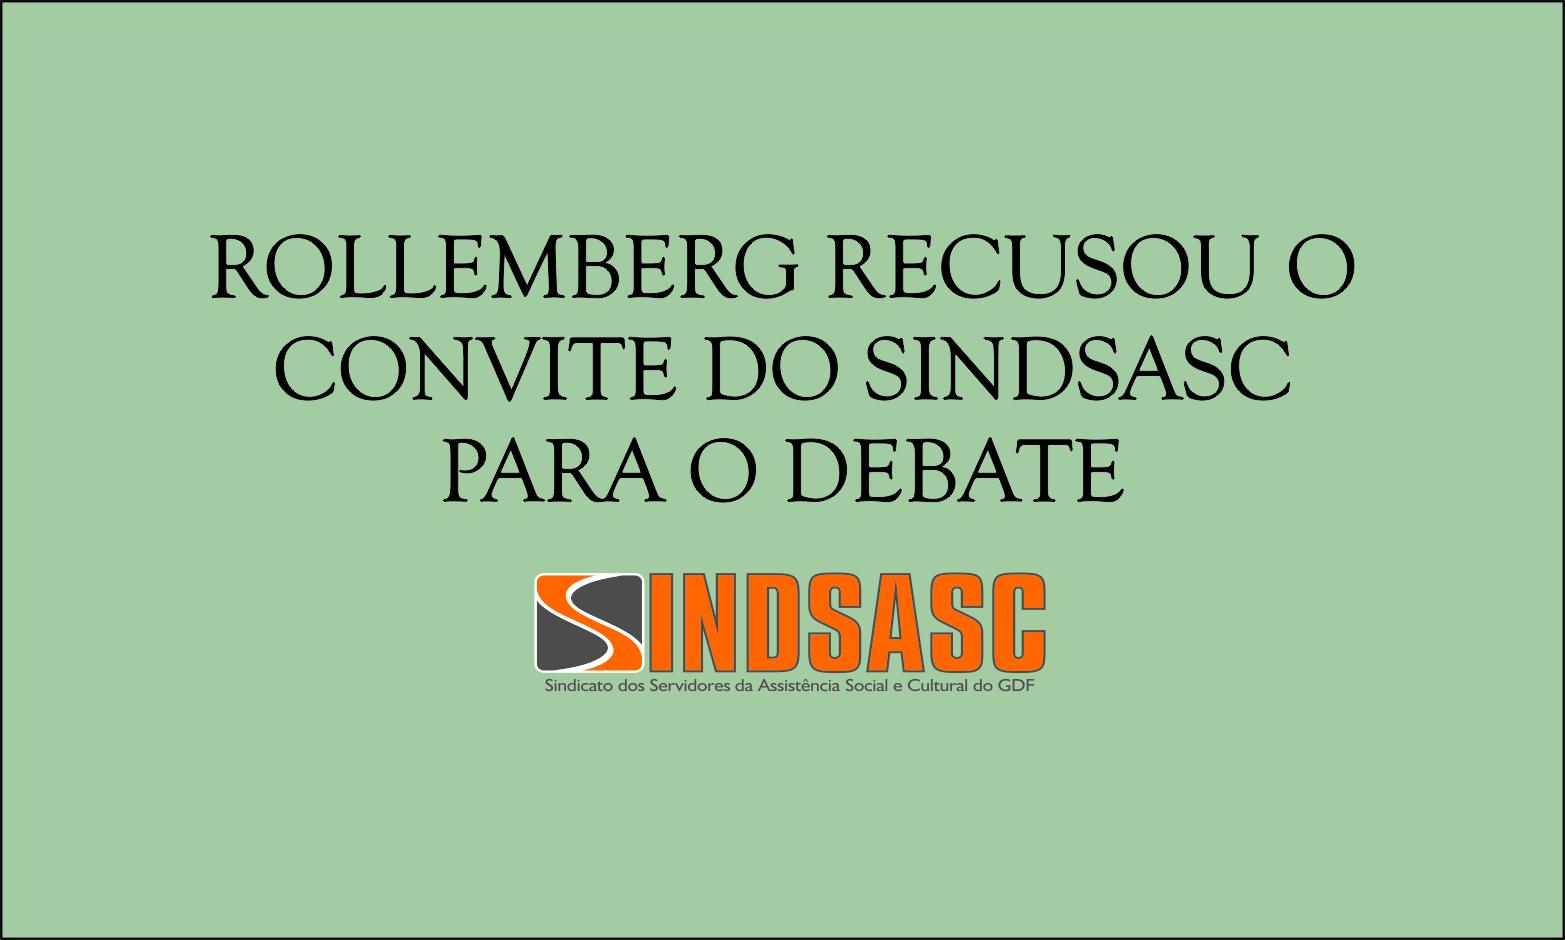 ROLLEMBERG RECUSOU CONVITE DO SINDSASC PARA O DEBATE